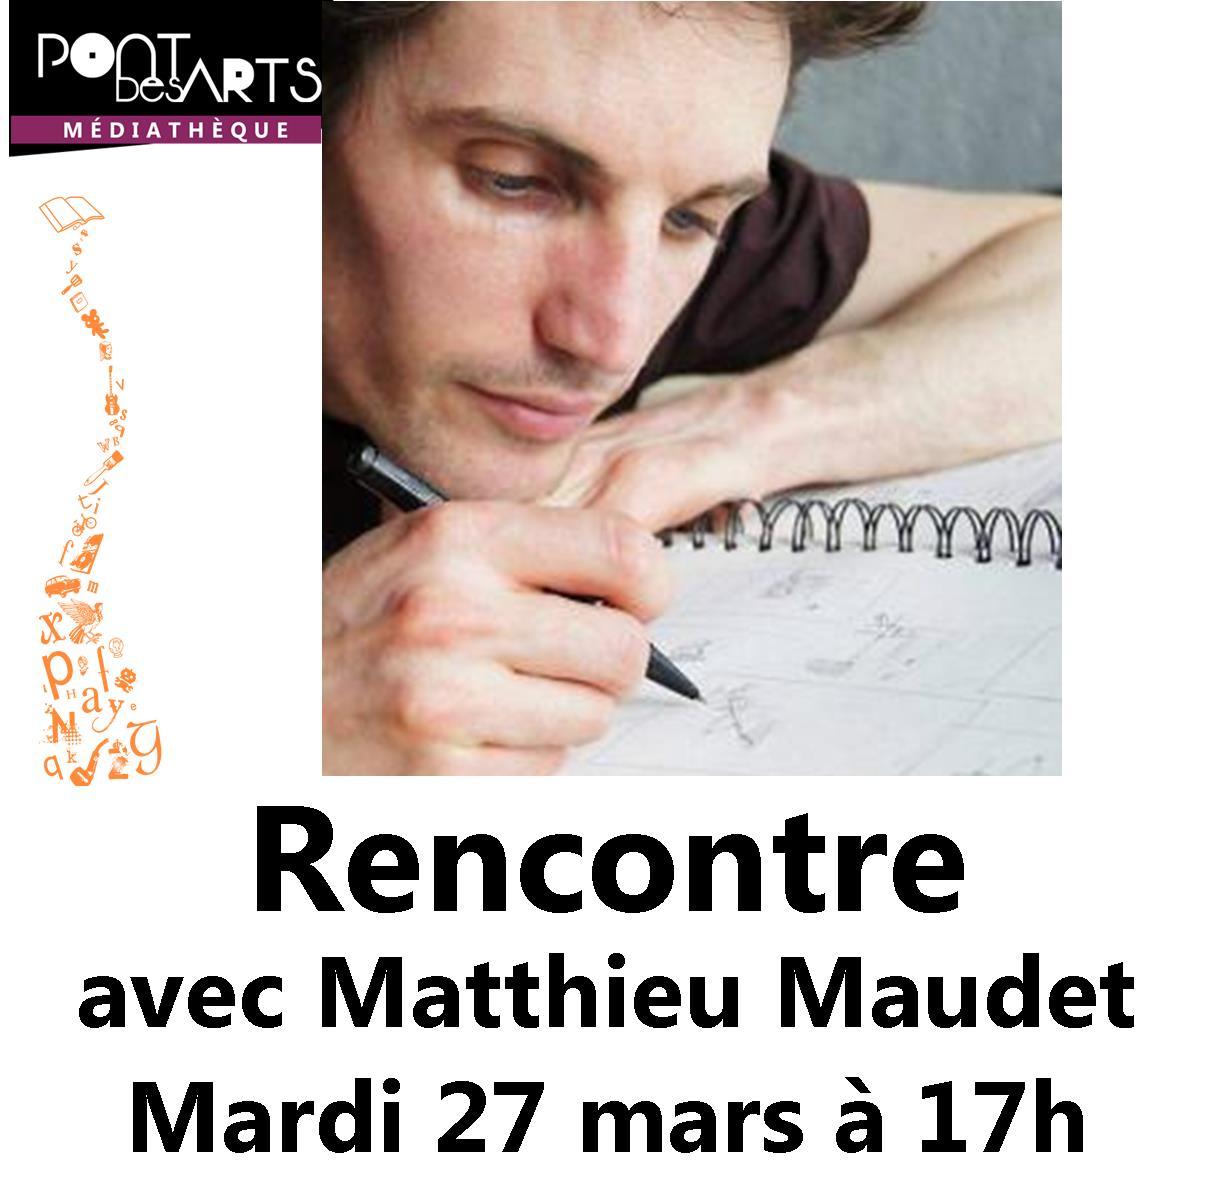 Rencontre avec Matthieu Maudet |